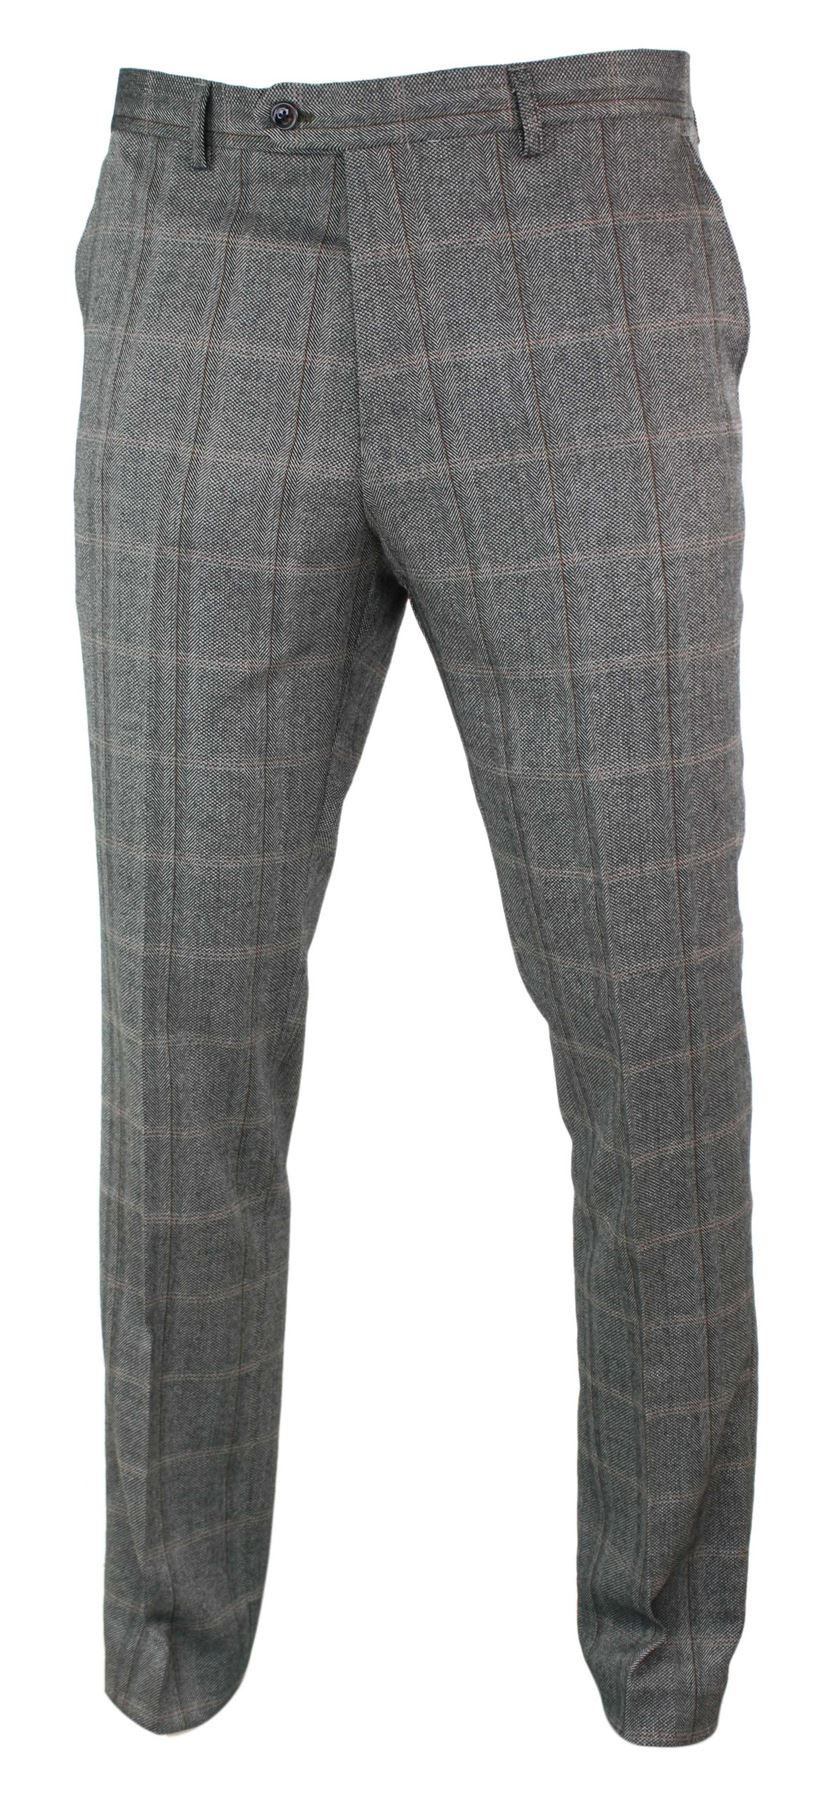 Mens-Herringbone-Tweed-Check-Peaky-Blinders-Trousers-Wool-Vintage-Classic-Retro thumbnail 12